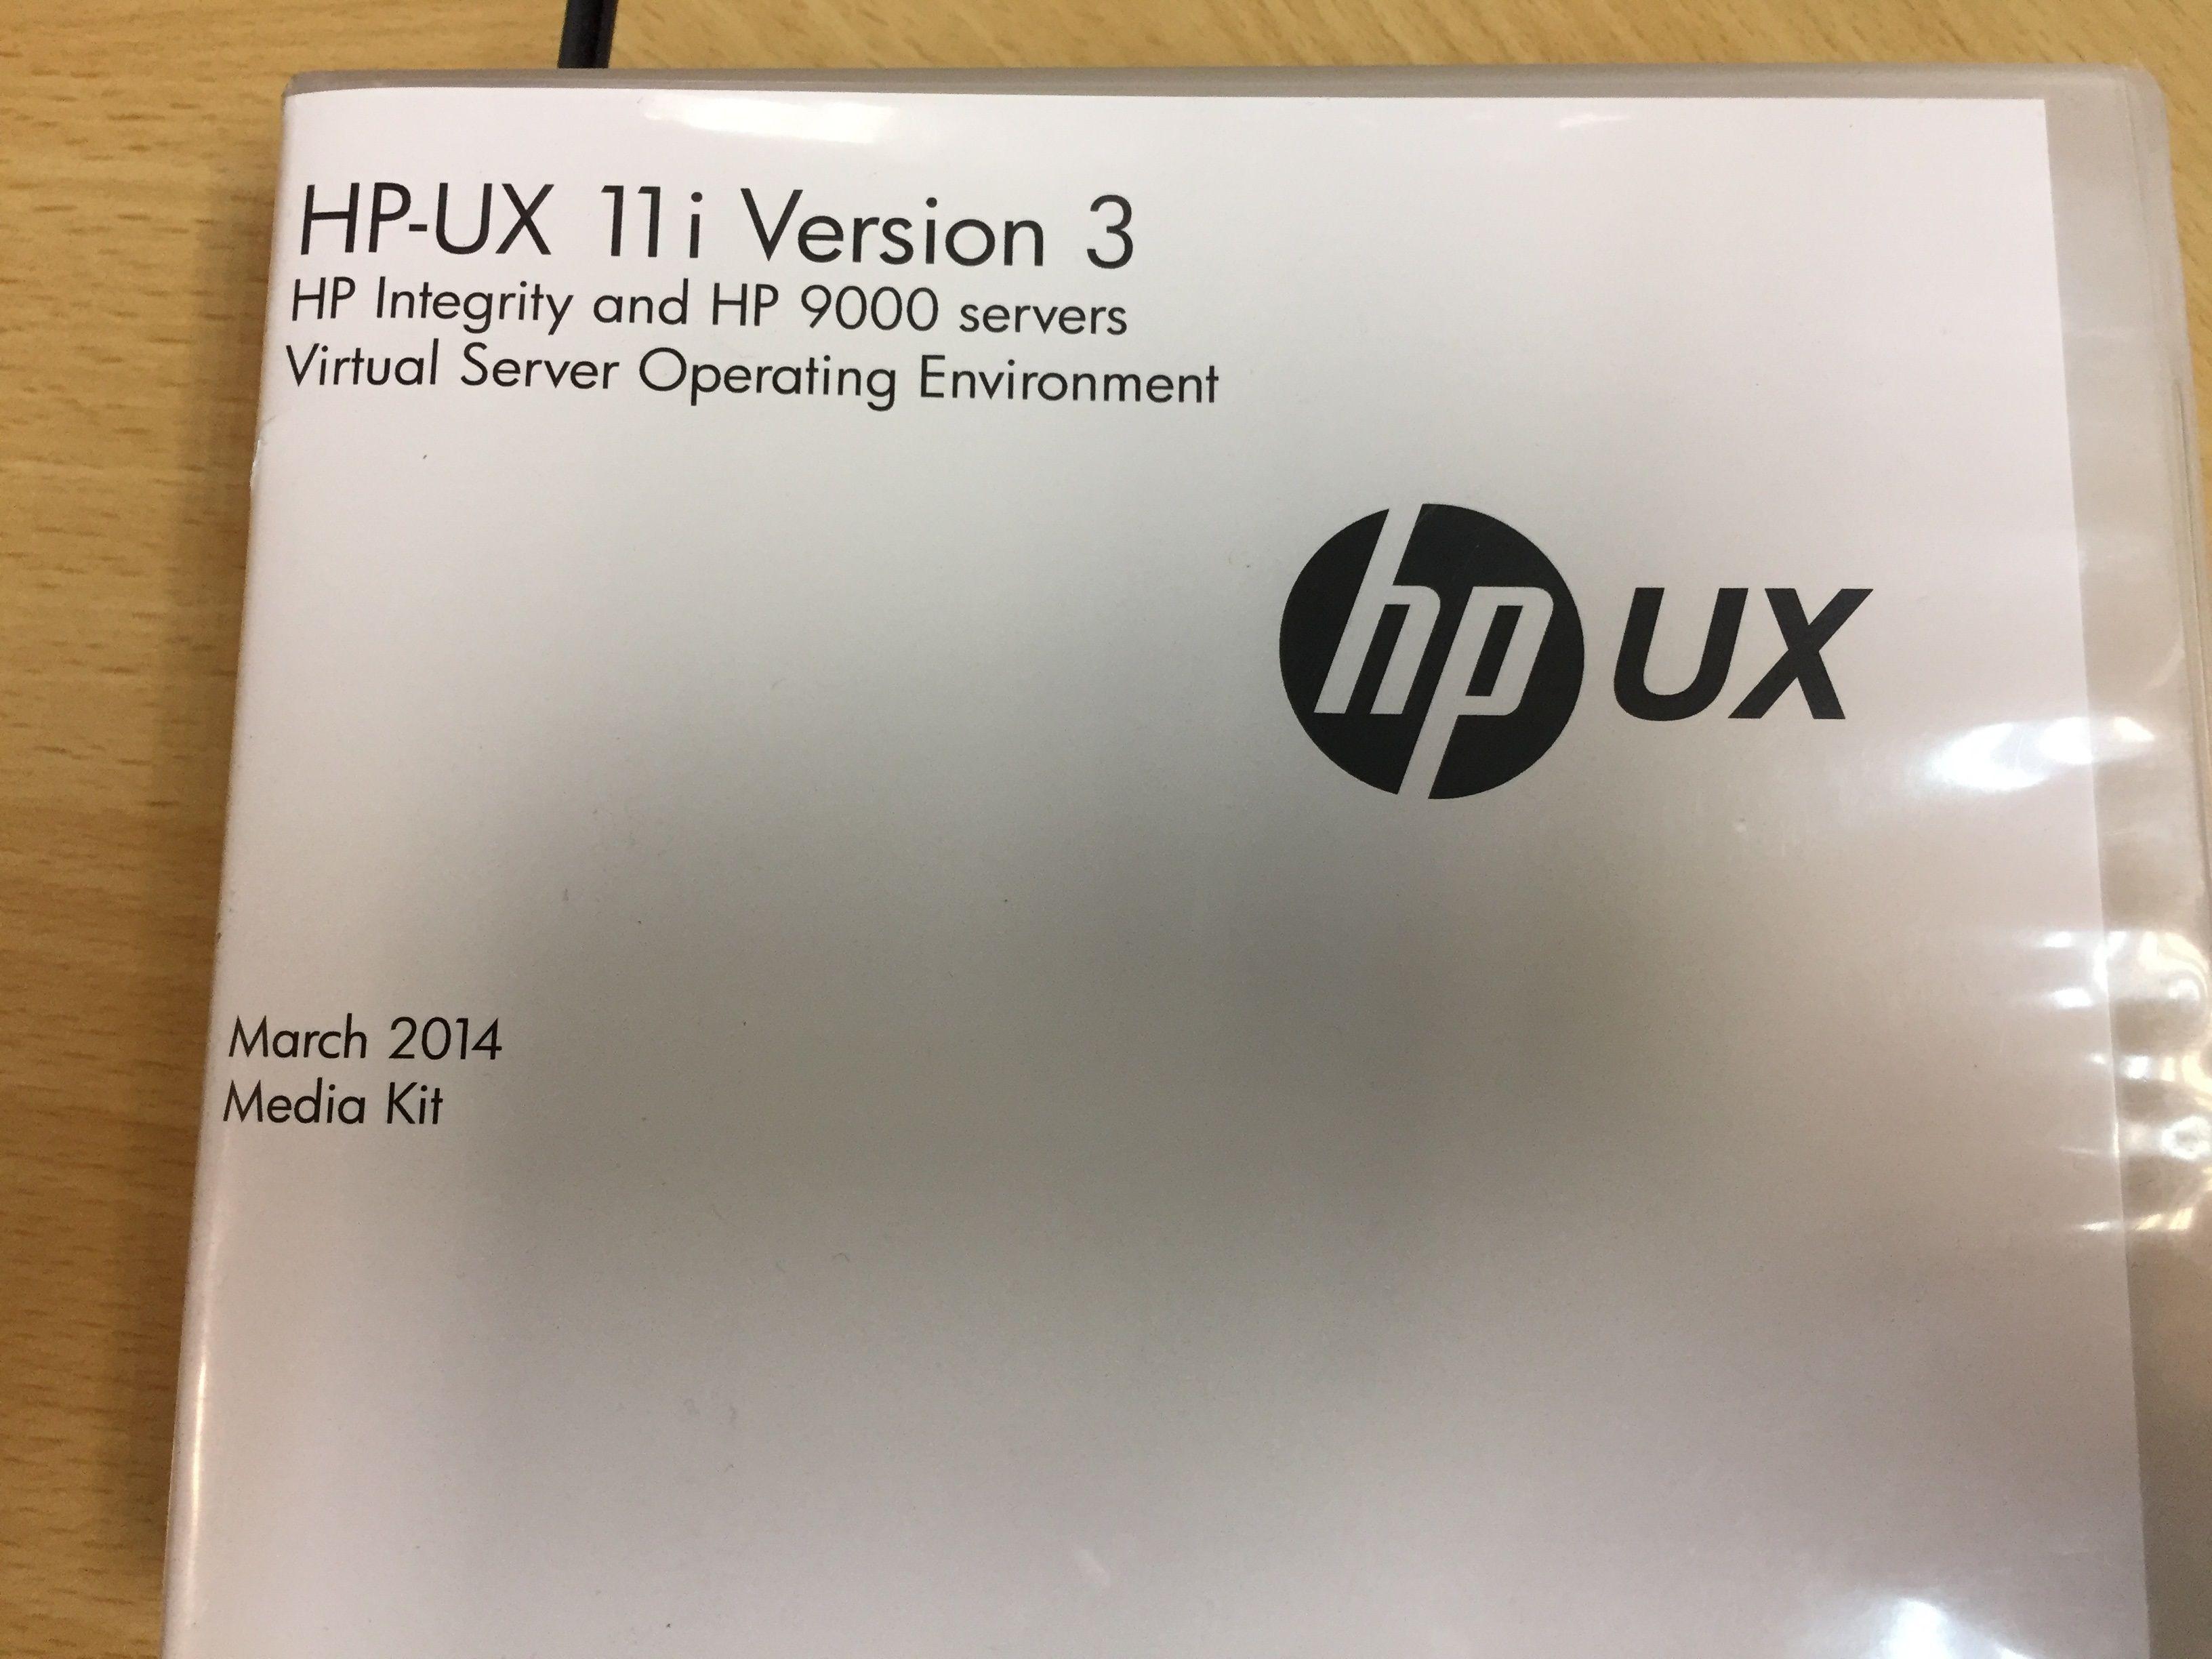 hpux_media_kit.jpg